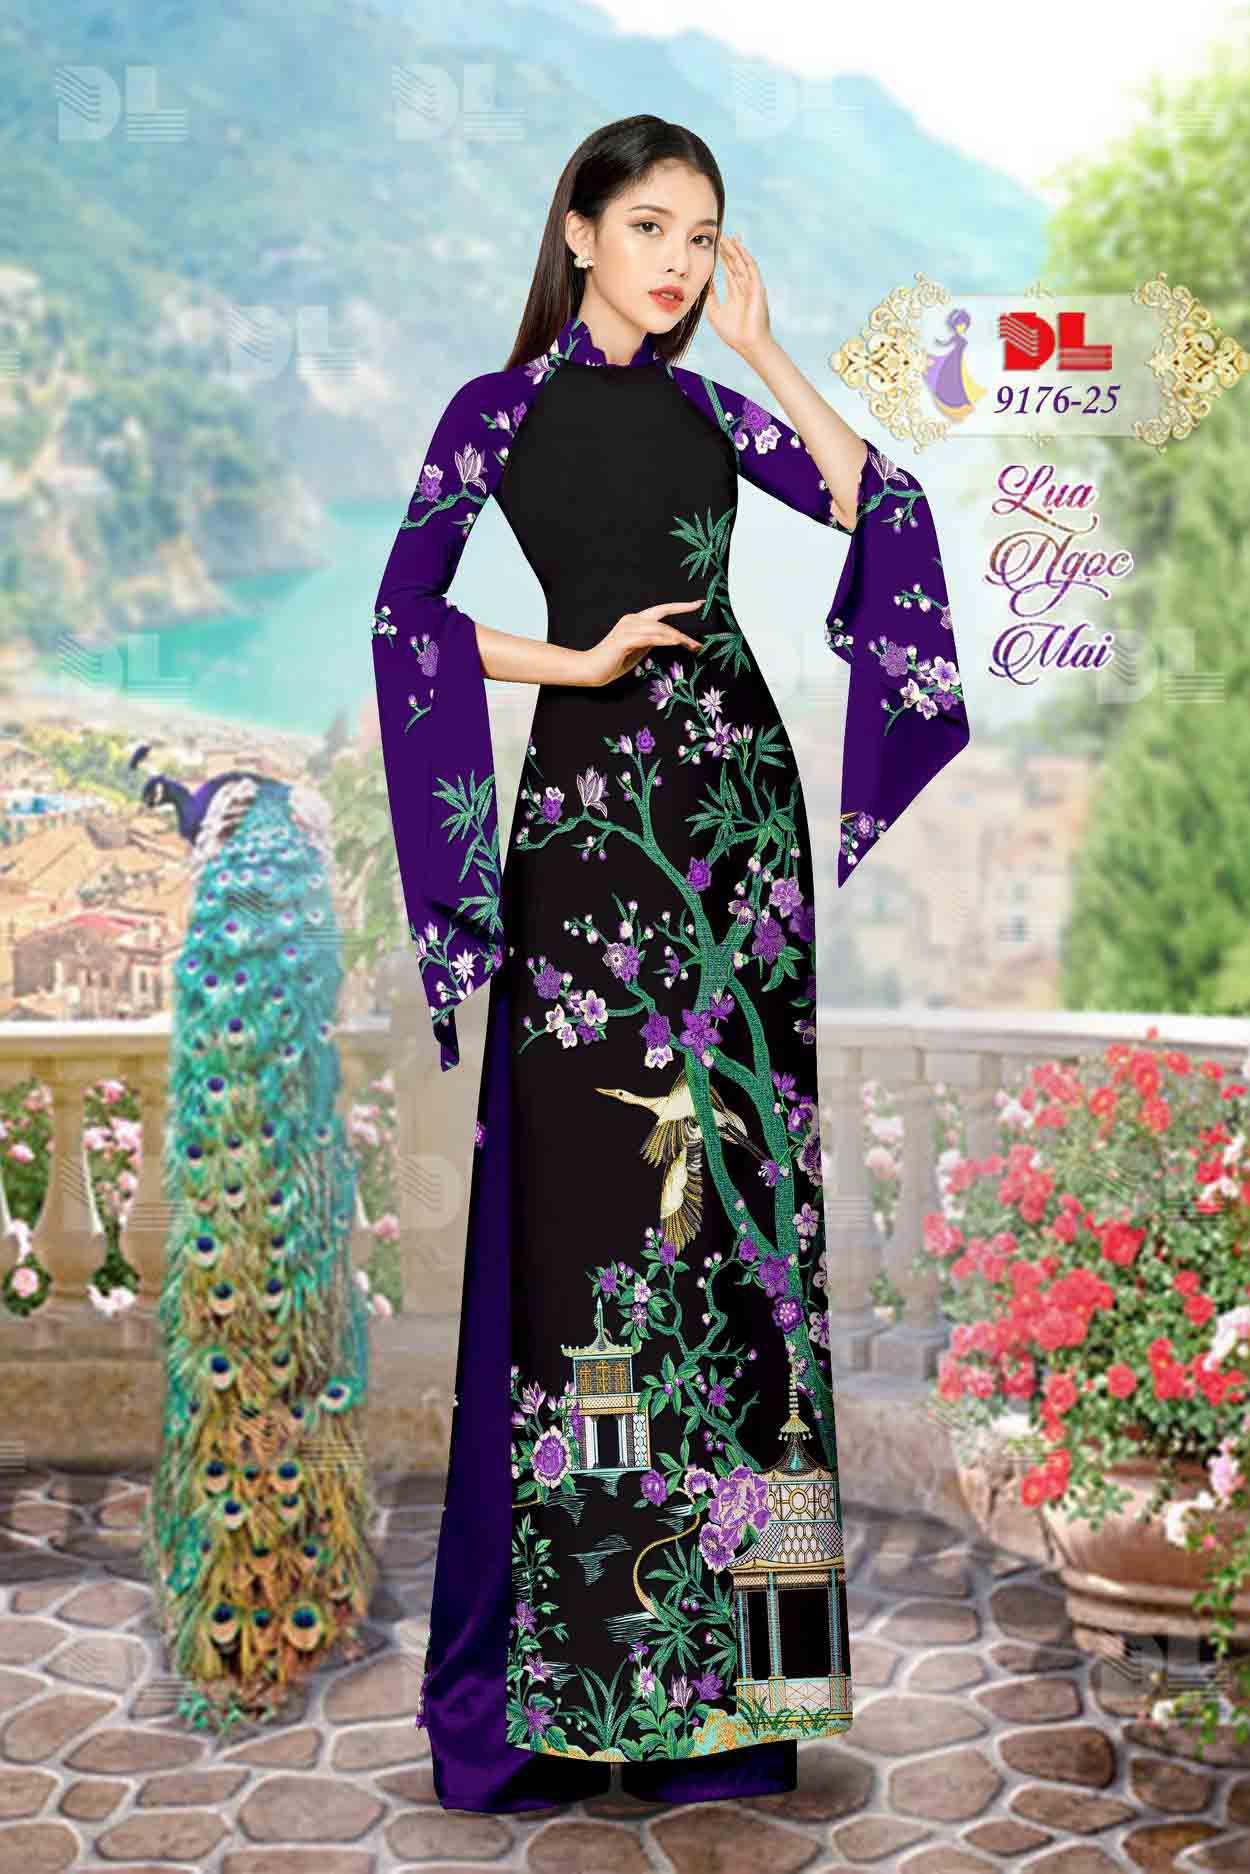 Vải Áo Dài Phong Cảnh AD 9176 68